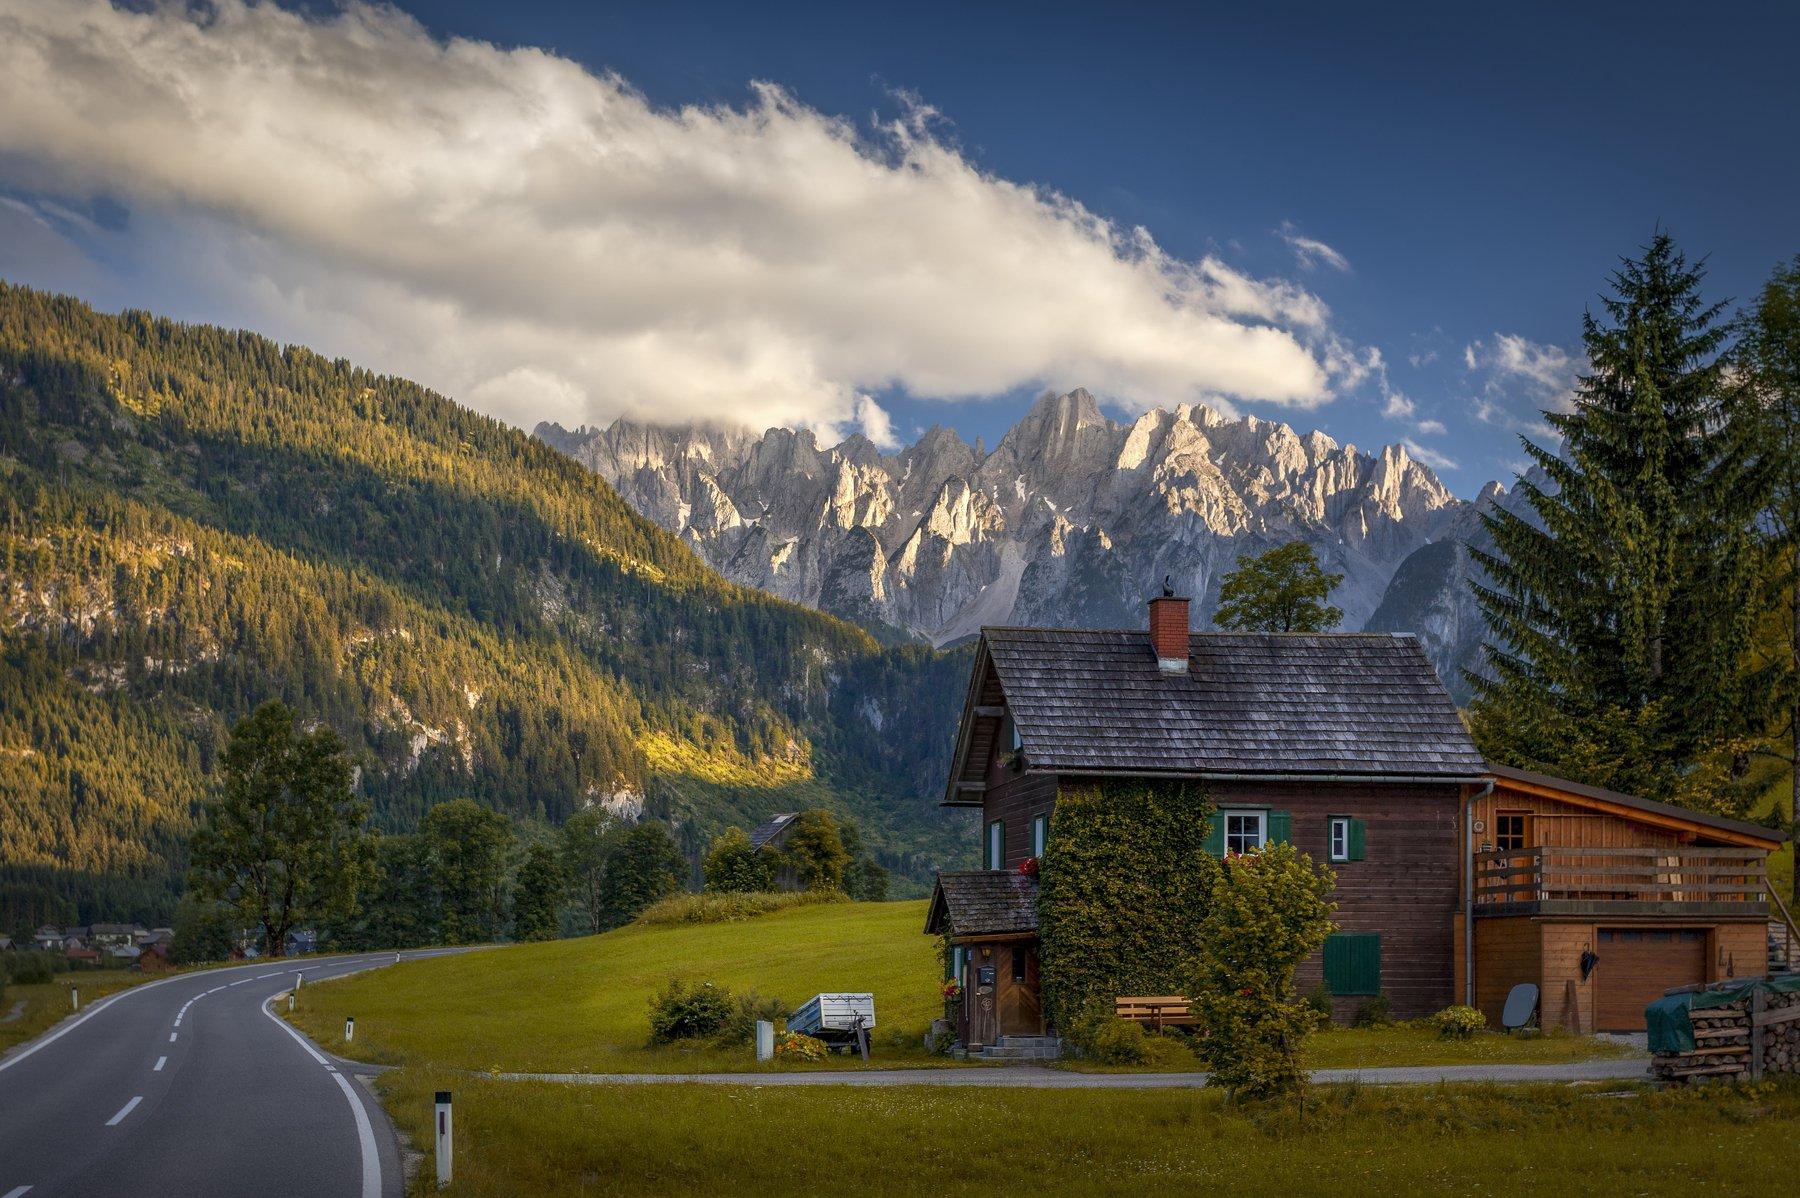 дорога, дом, горы, Alexandr Bezmolitvenny